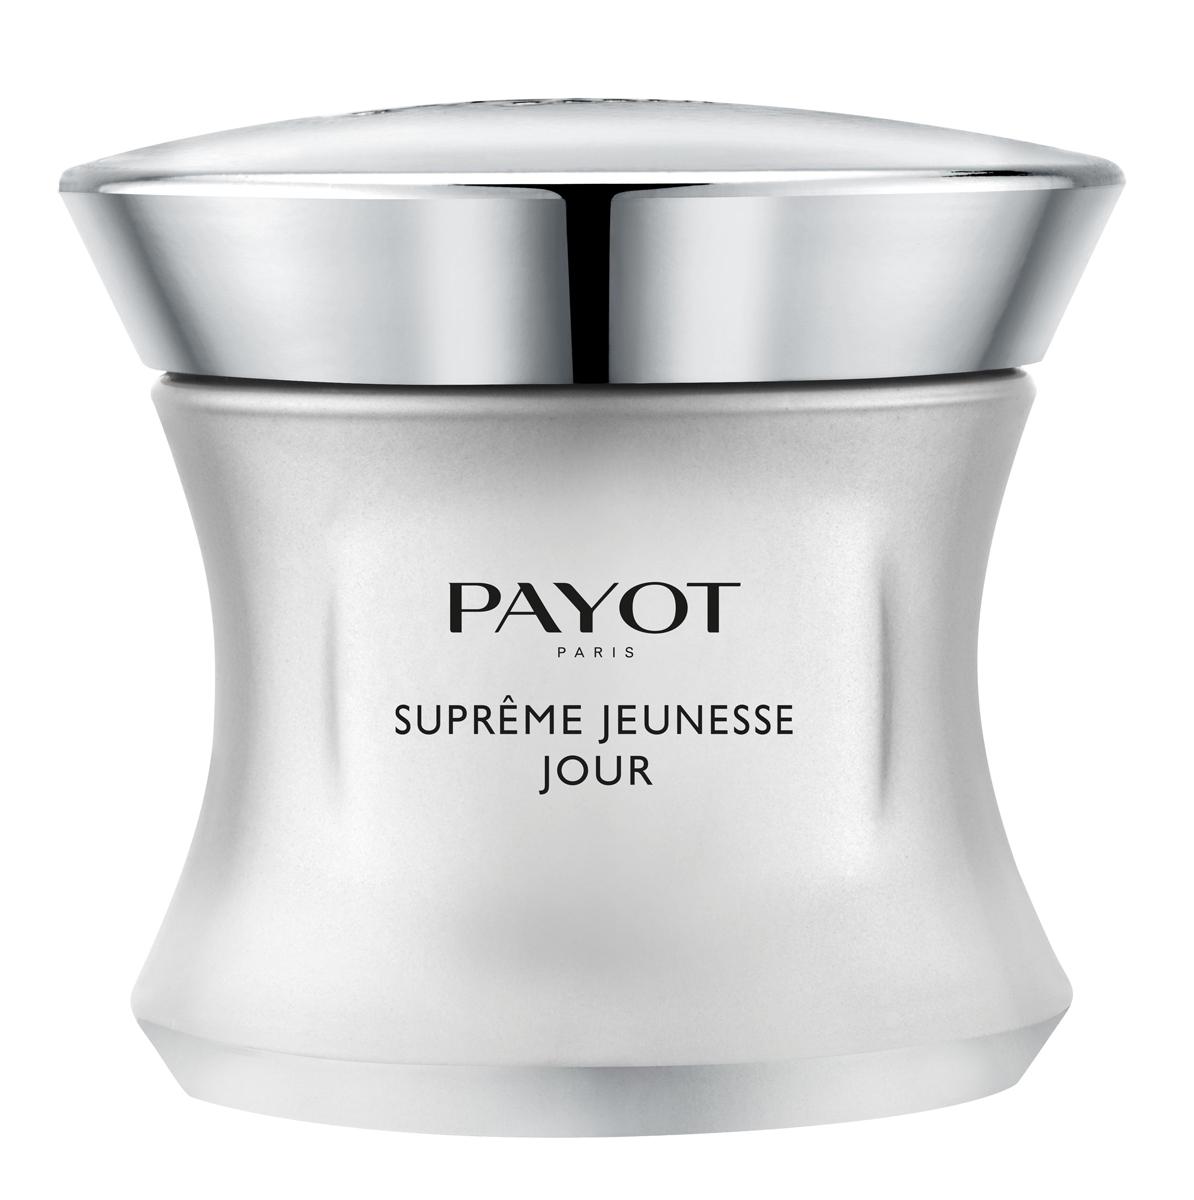 Payot Supreme Jeunesse Дневной крем с непревзойденным омолаживающим эффектом, 50 мл